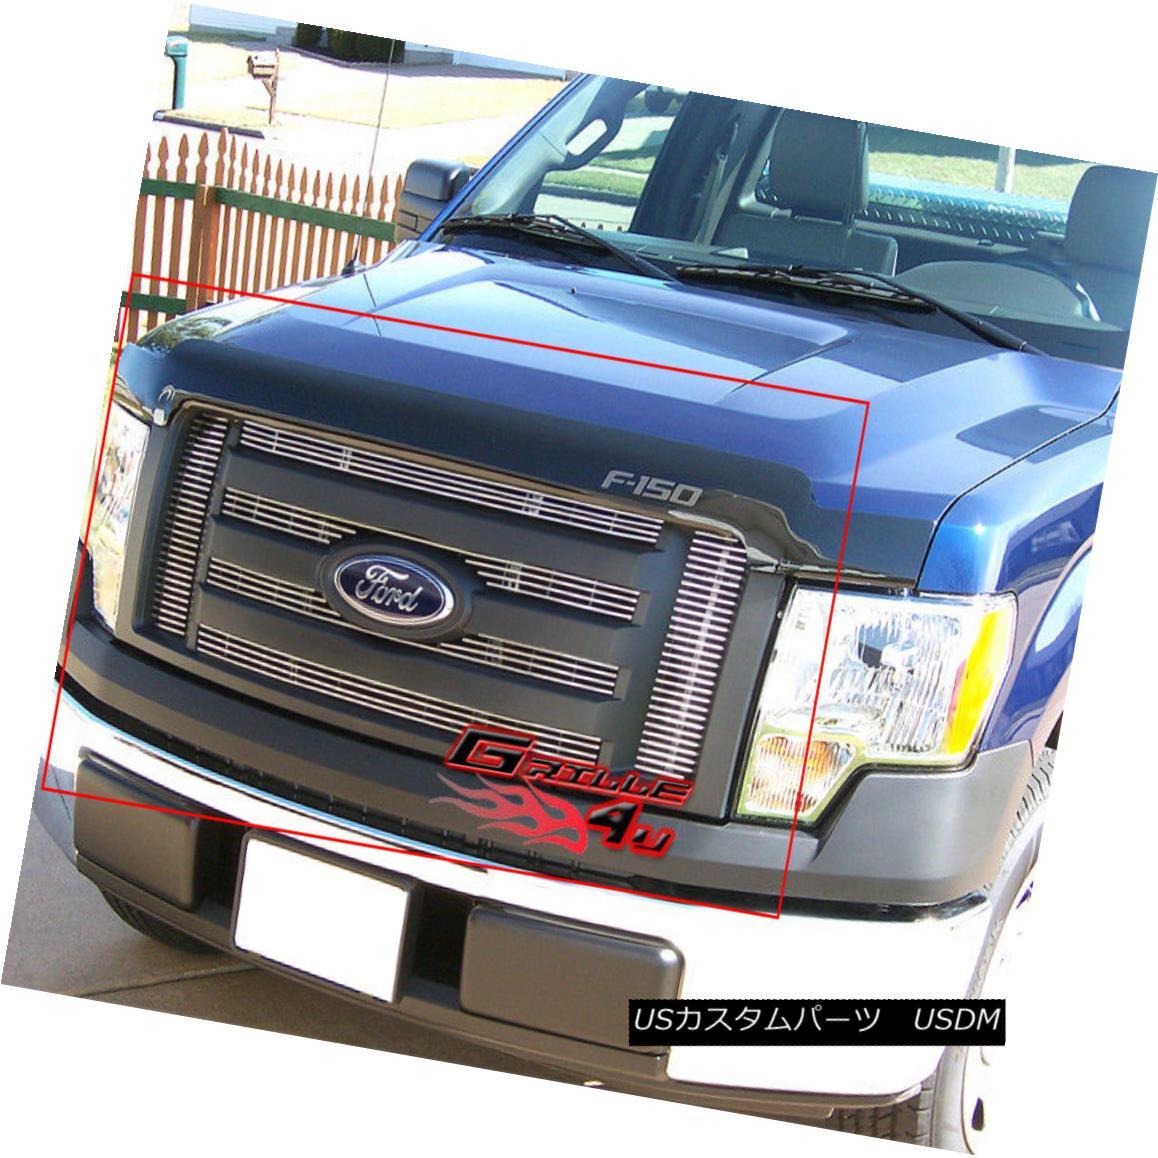 グリル For 09-11 2011 Ford F-150 XL/XLT/SXT Billet Grille Insert 2011年9月11日フォードF-150 XL / XLT / SXTビレットグリルインサート